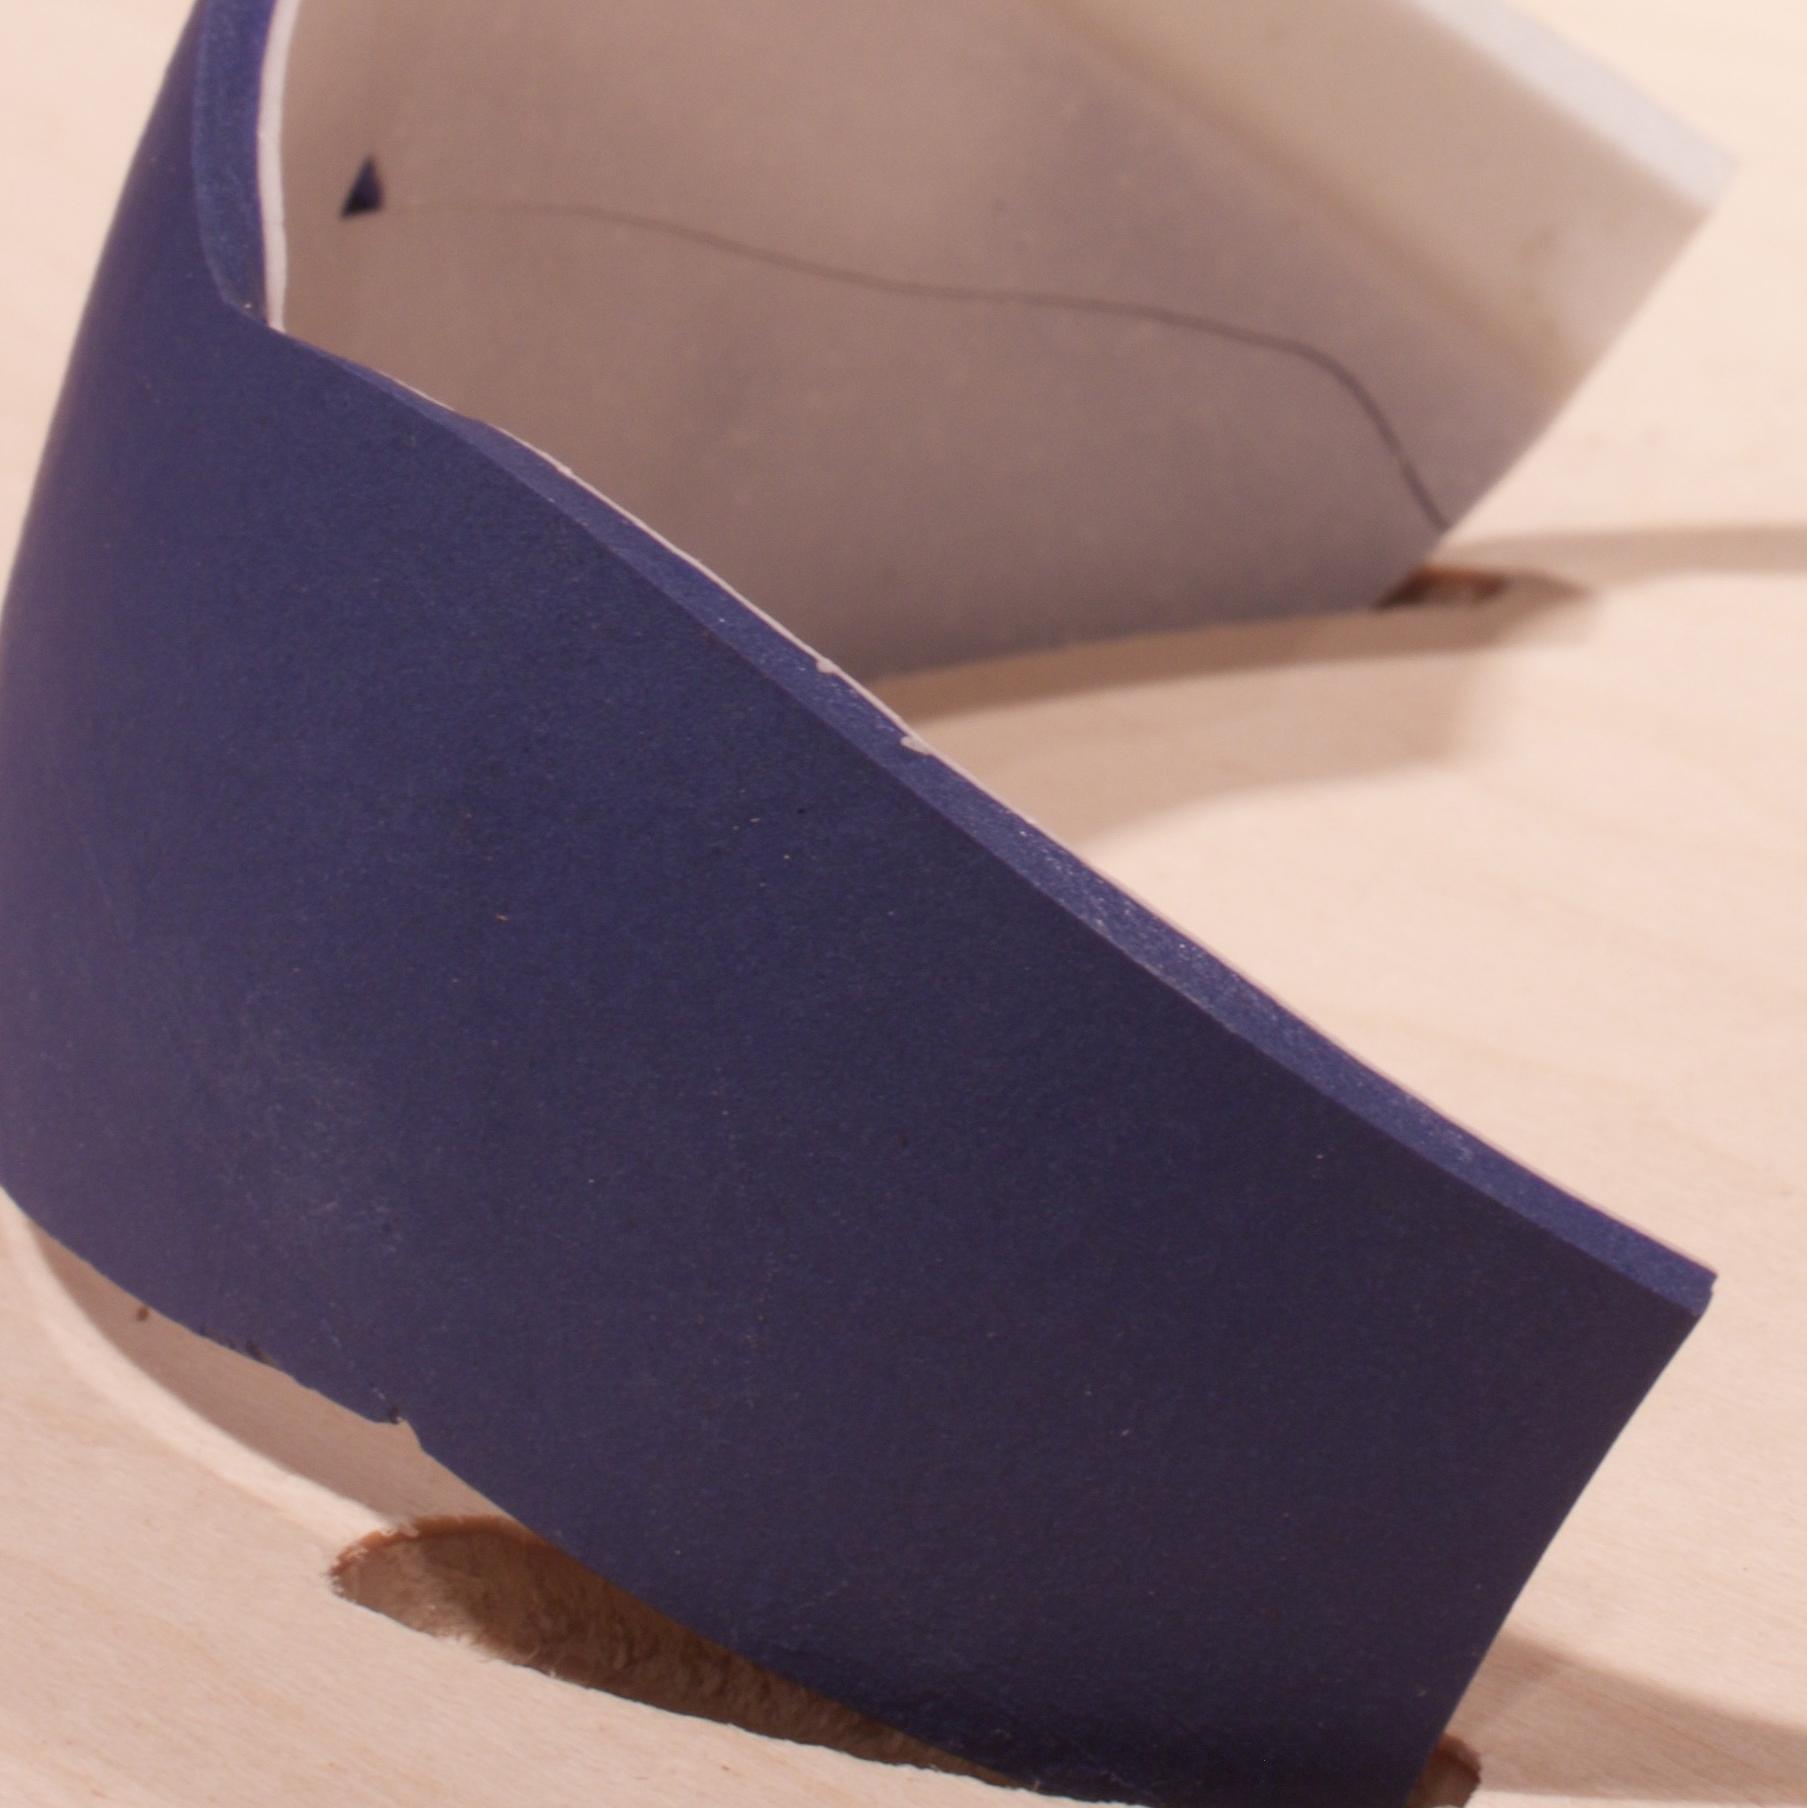 Blue Bone China Shard-square2.jpg